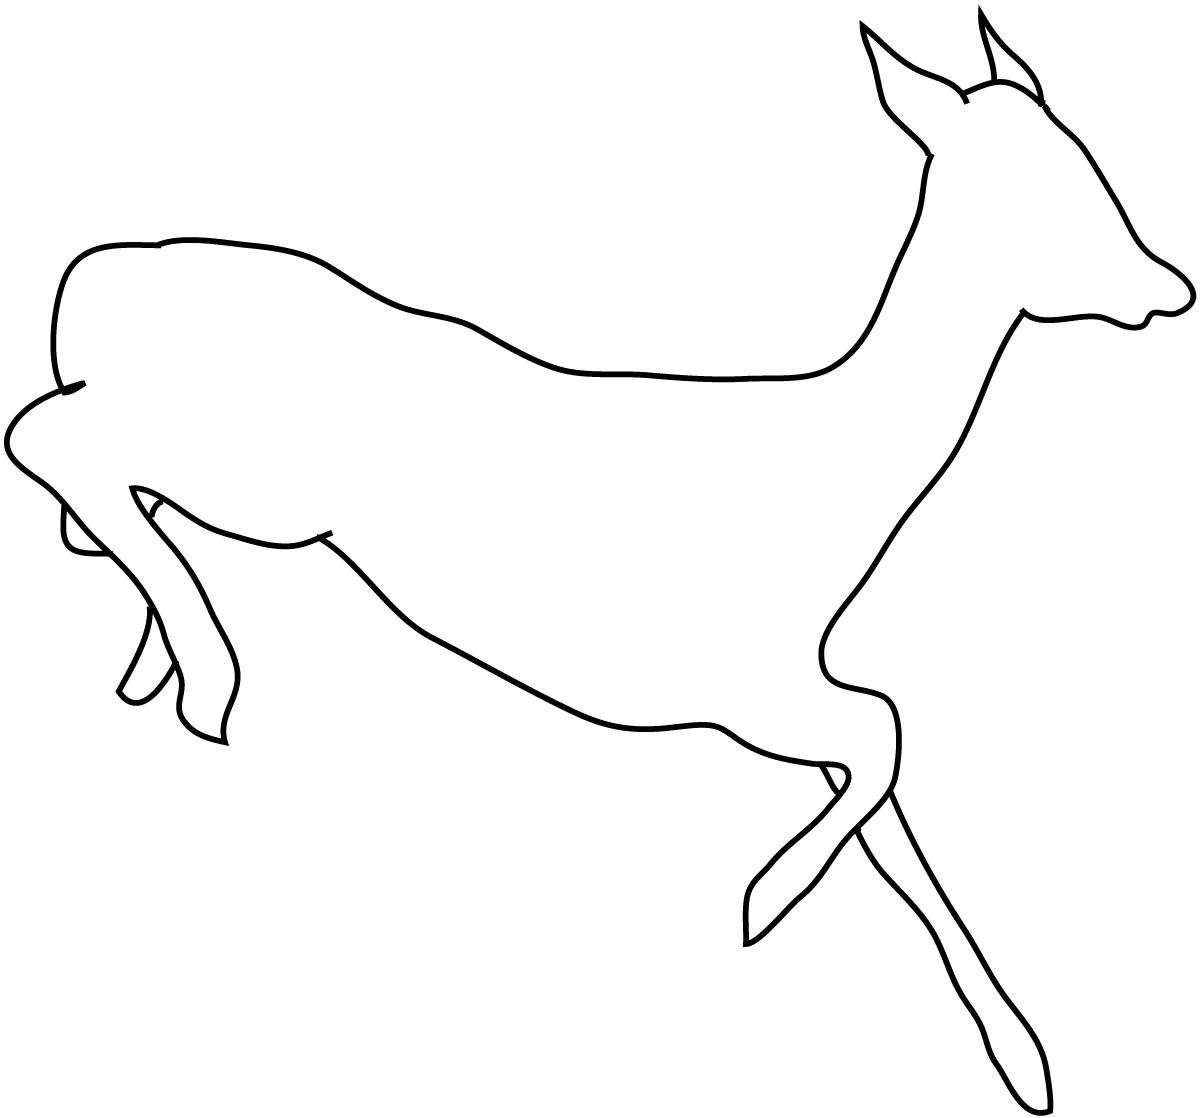 silhouette sketch of deer running